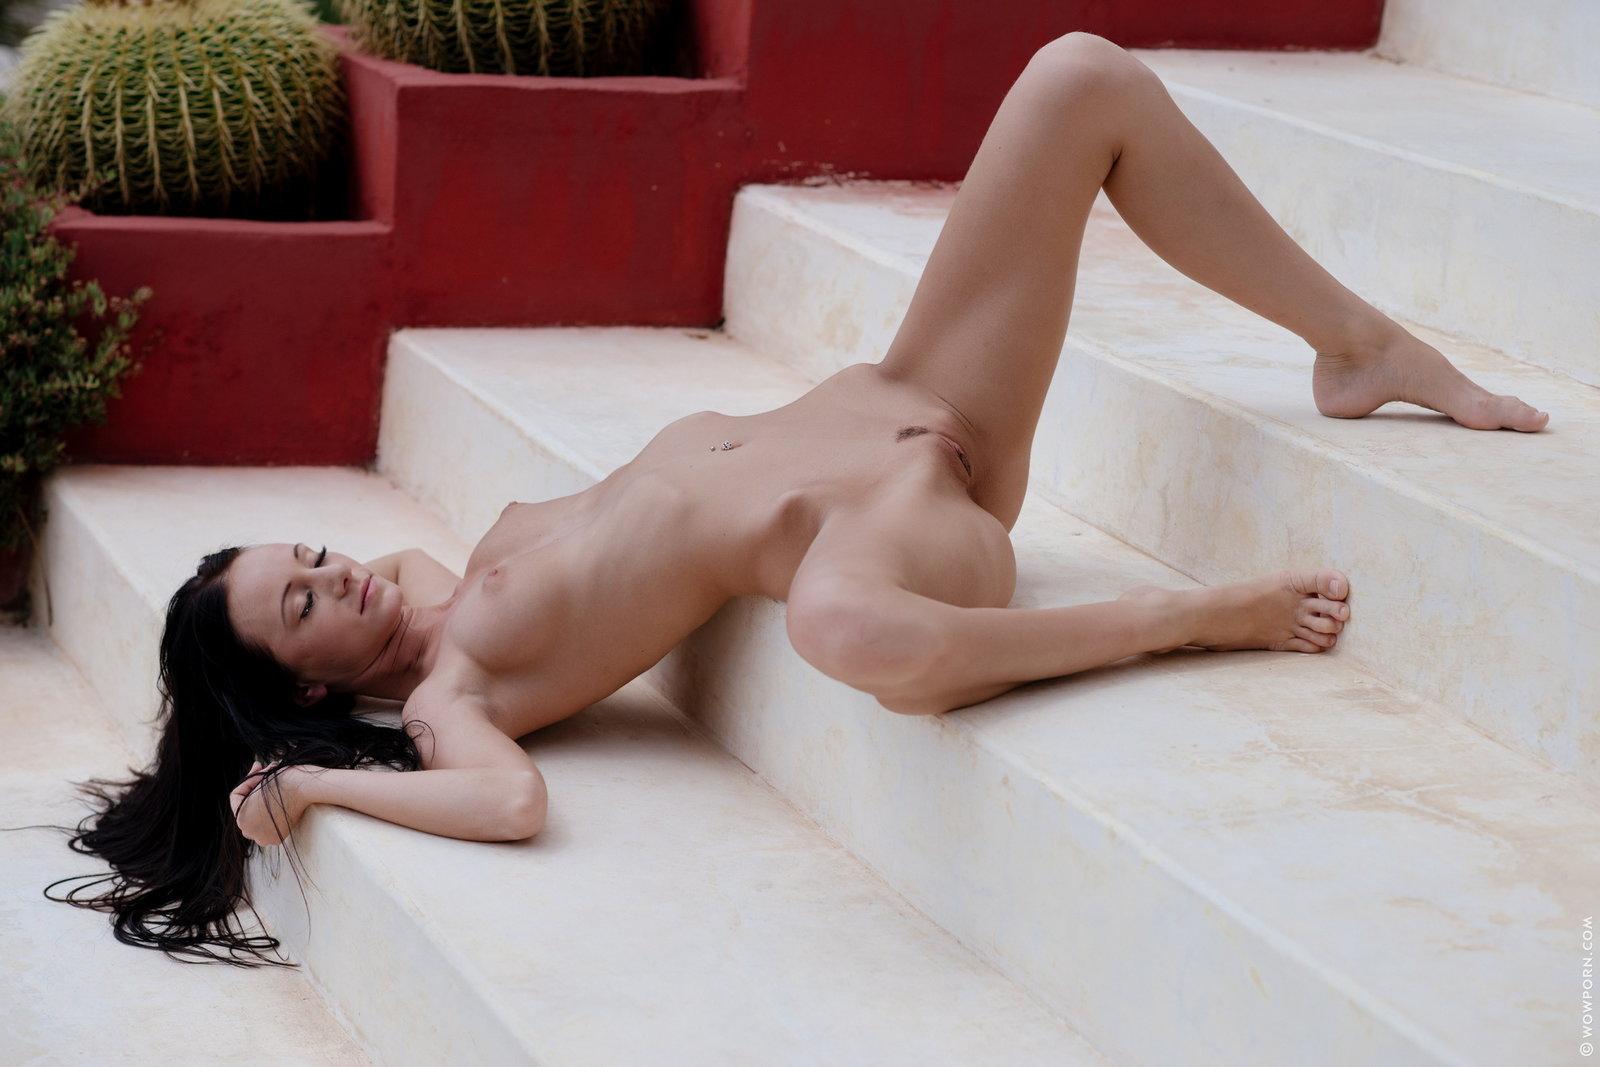 Сексуальные худенькие брюнетки, Порно видео худые телки, худенькие девушки, тощие 13 фотография